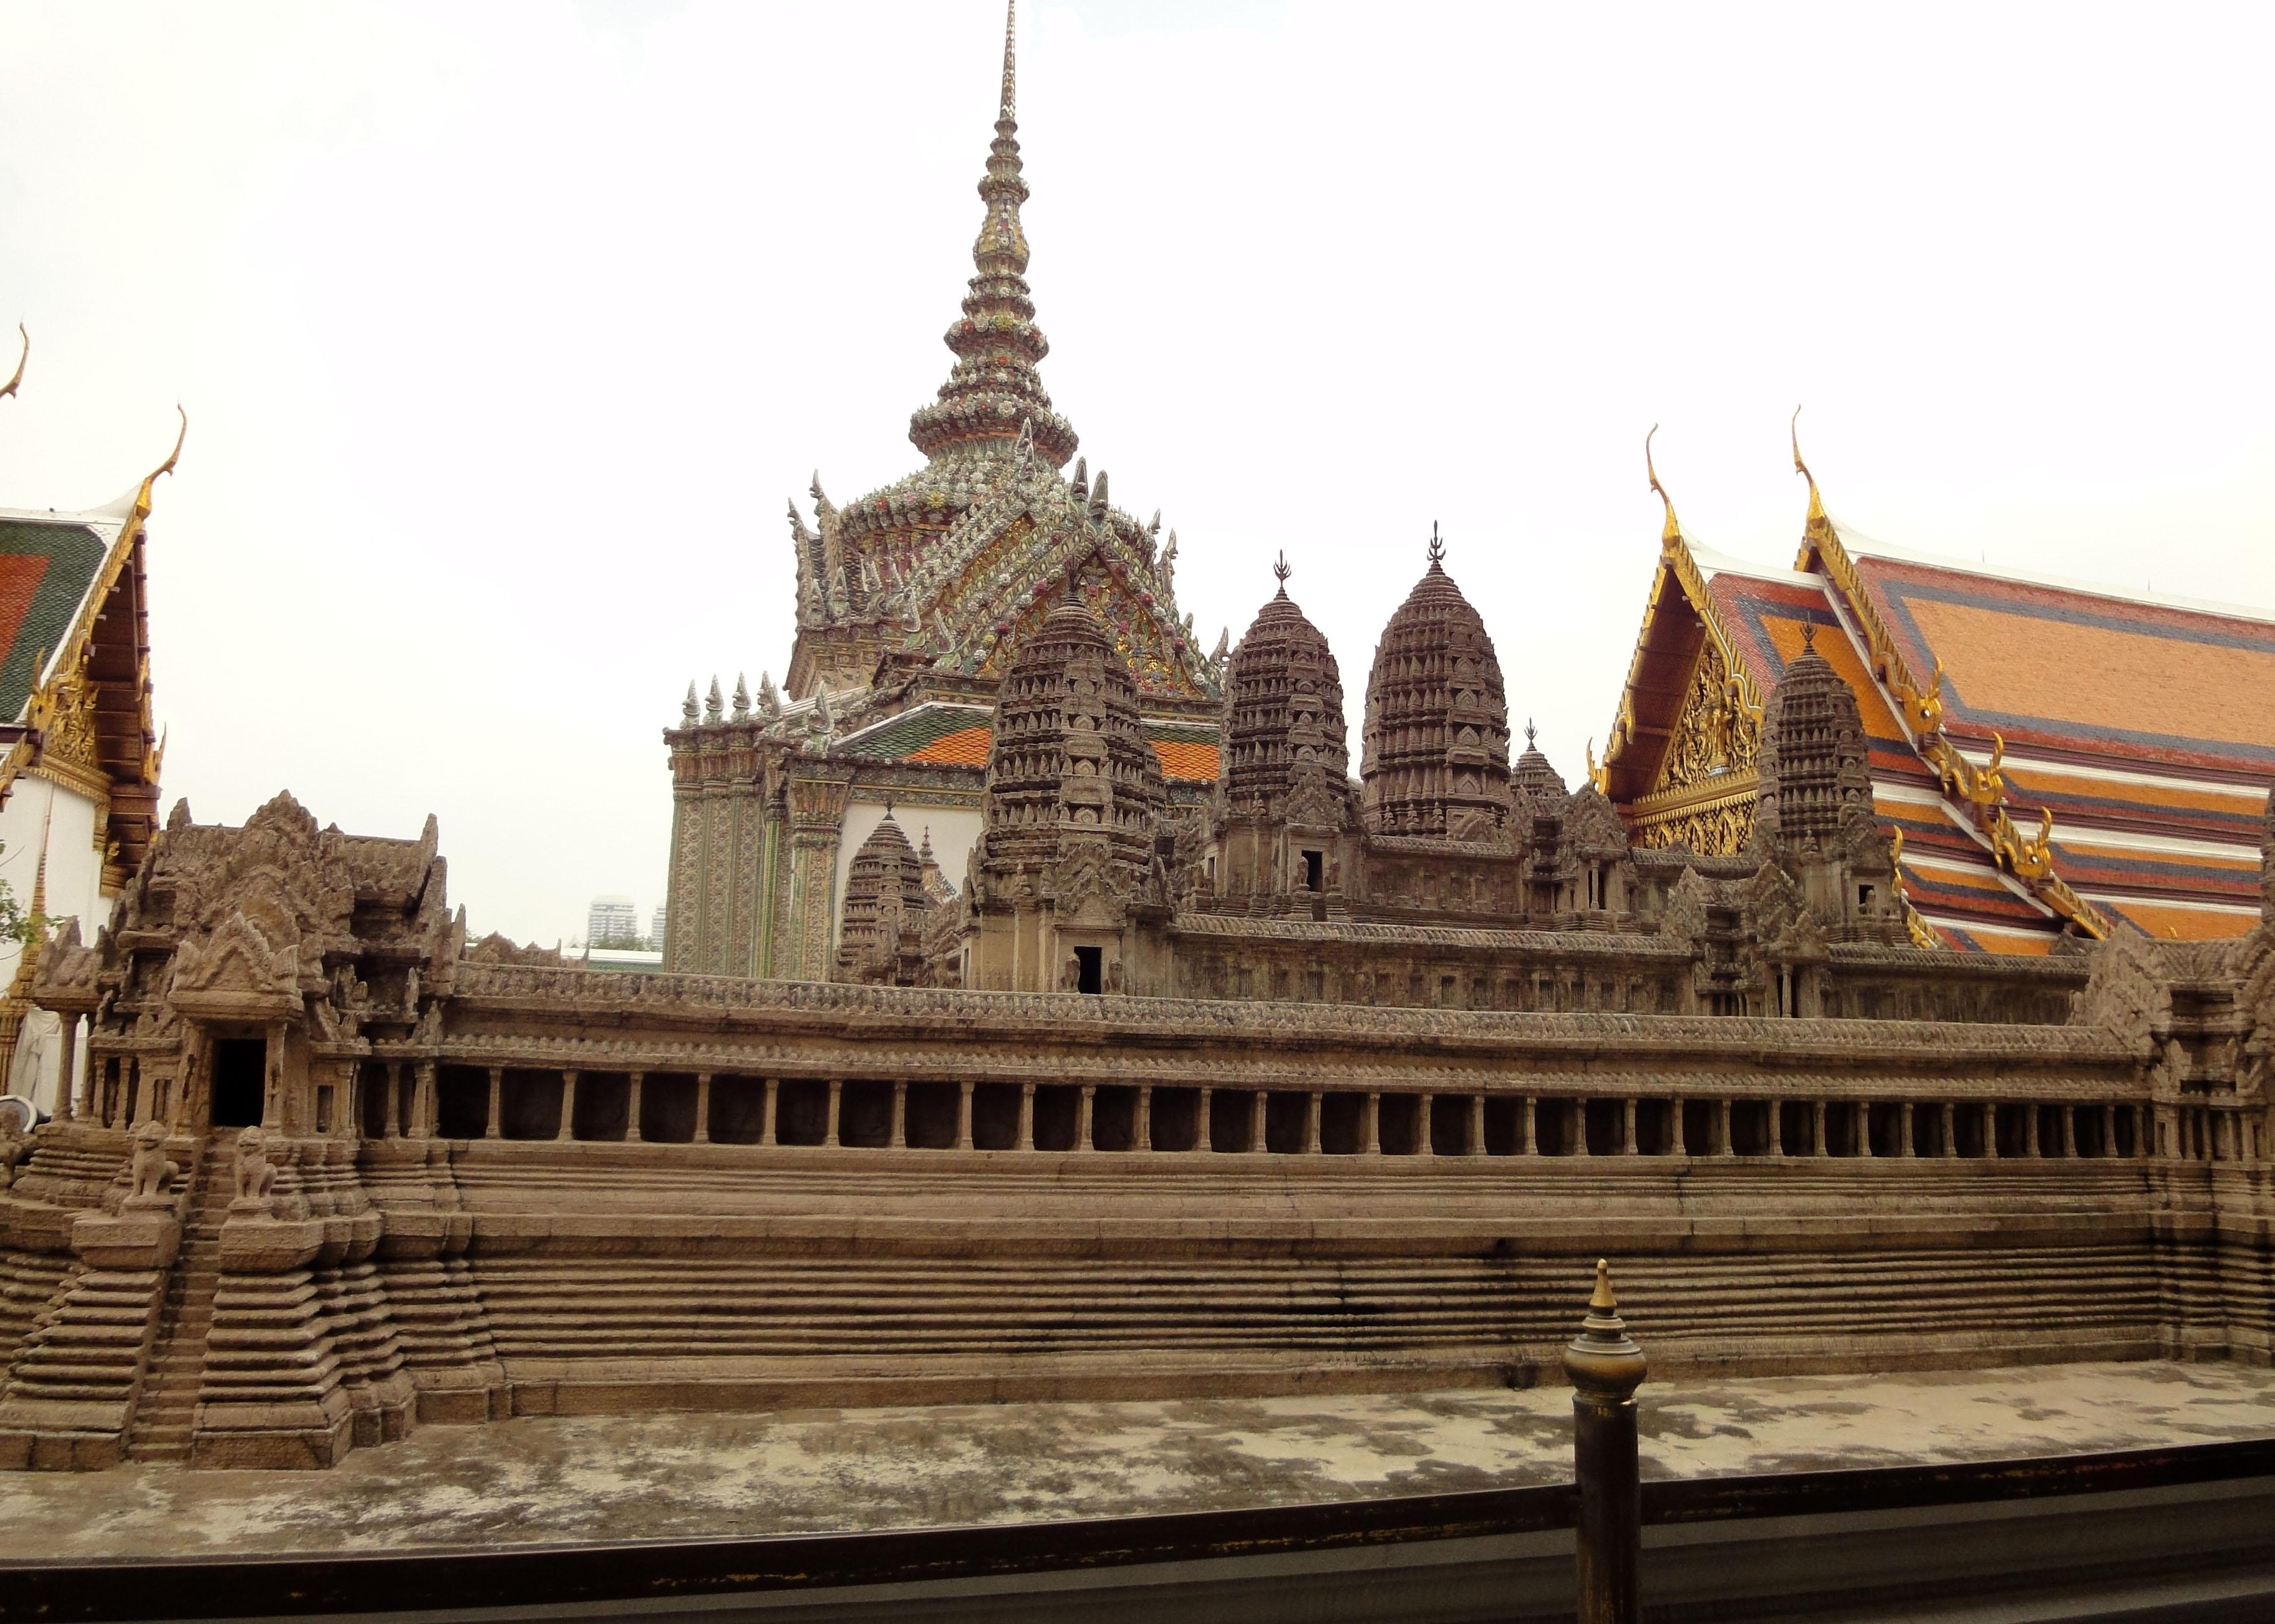 06 Model of the Angkor Wat Grand Palace Bangkok Thailand 05